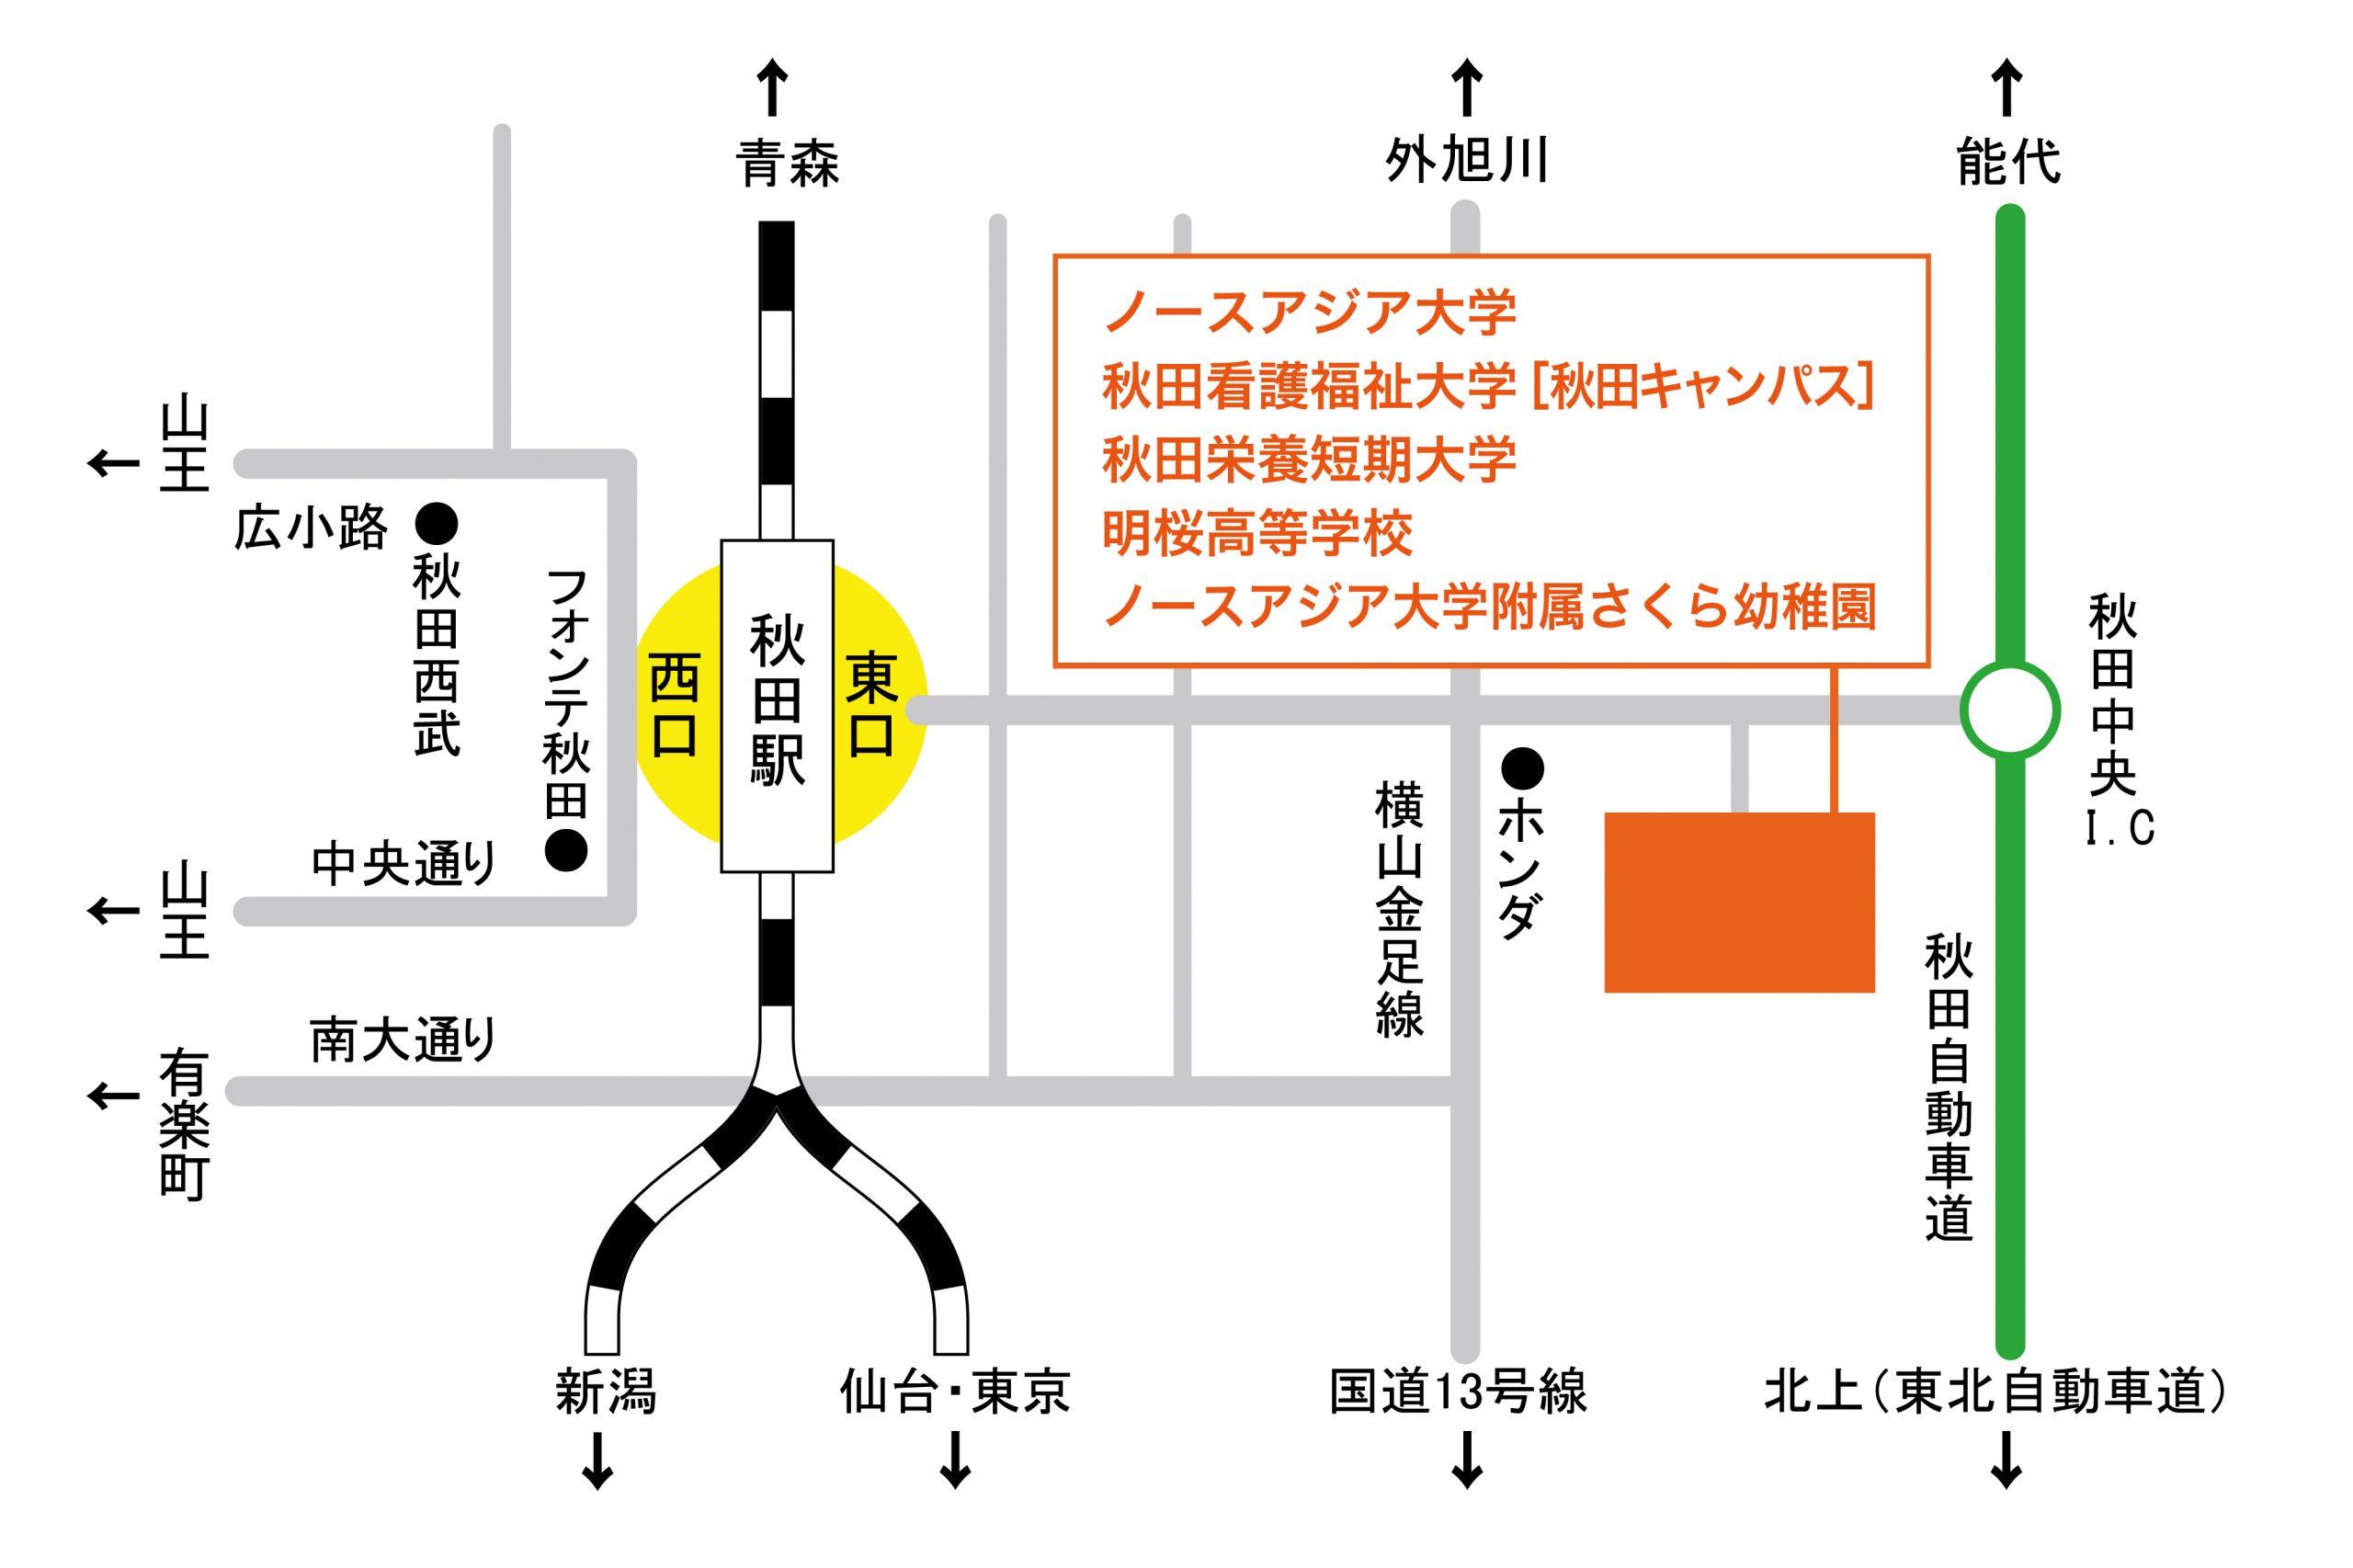 秋田栄養短期大学へのアクセスマップ